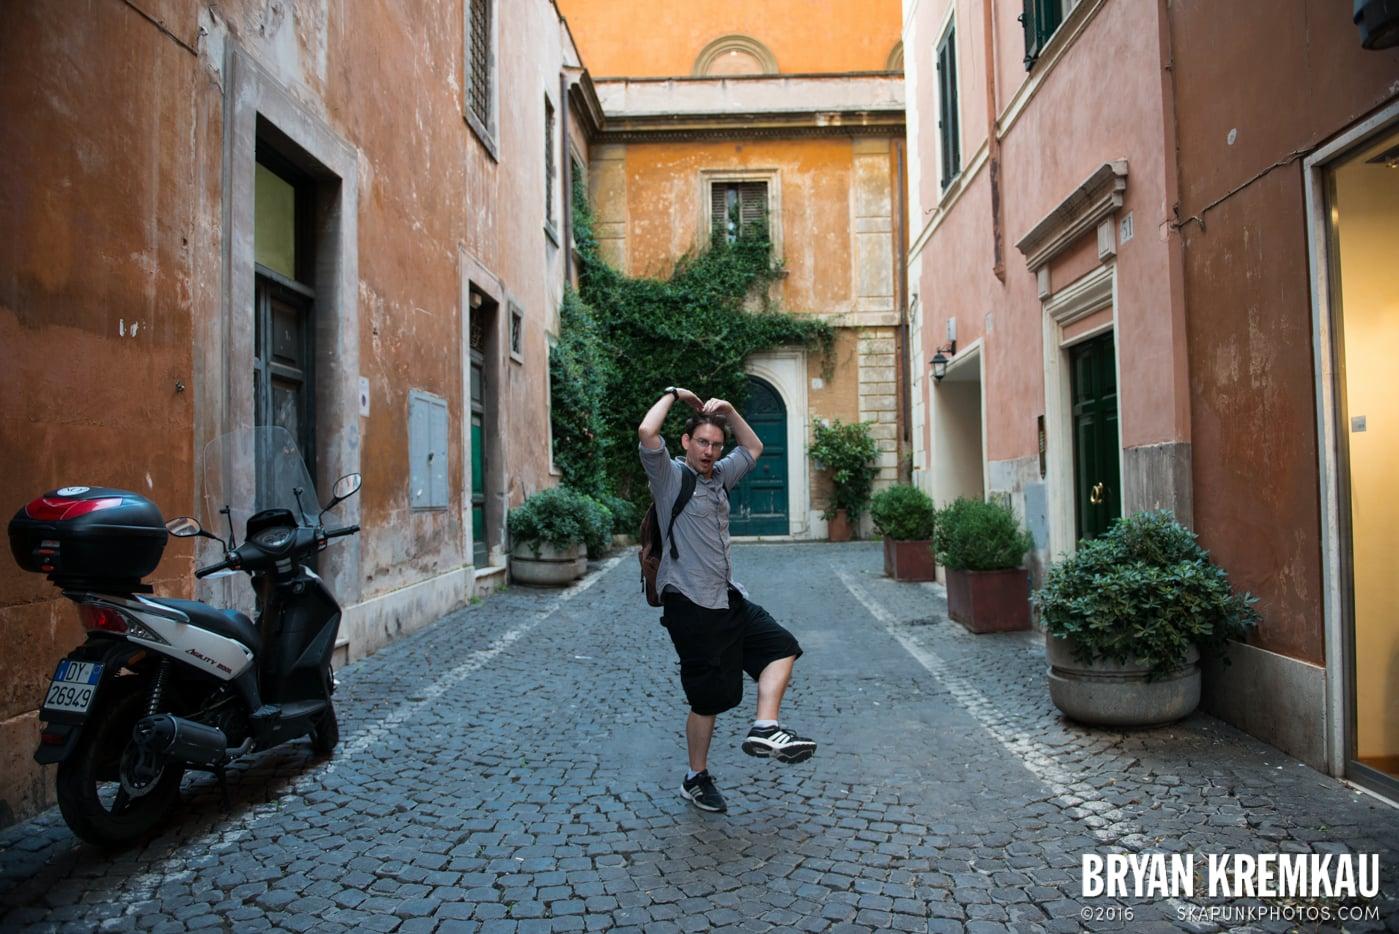 Italy Vacation - Day 3: Rome - 9.11.13 (7)